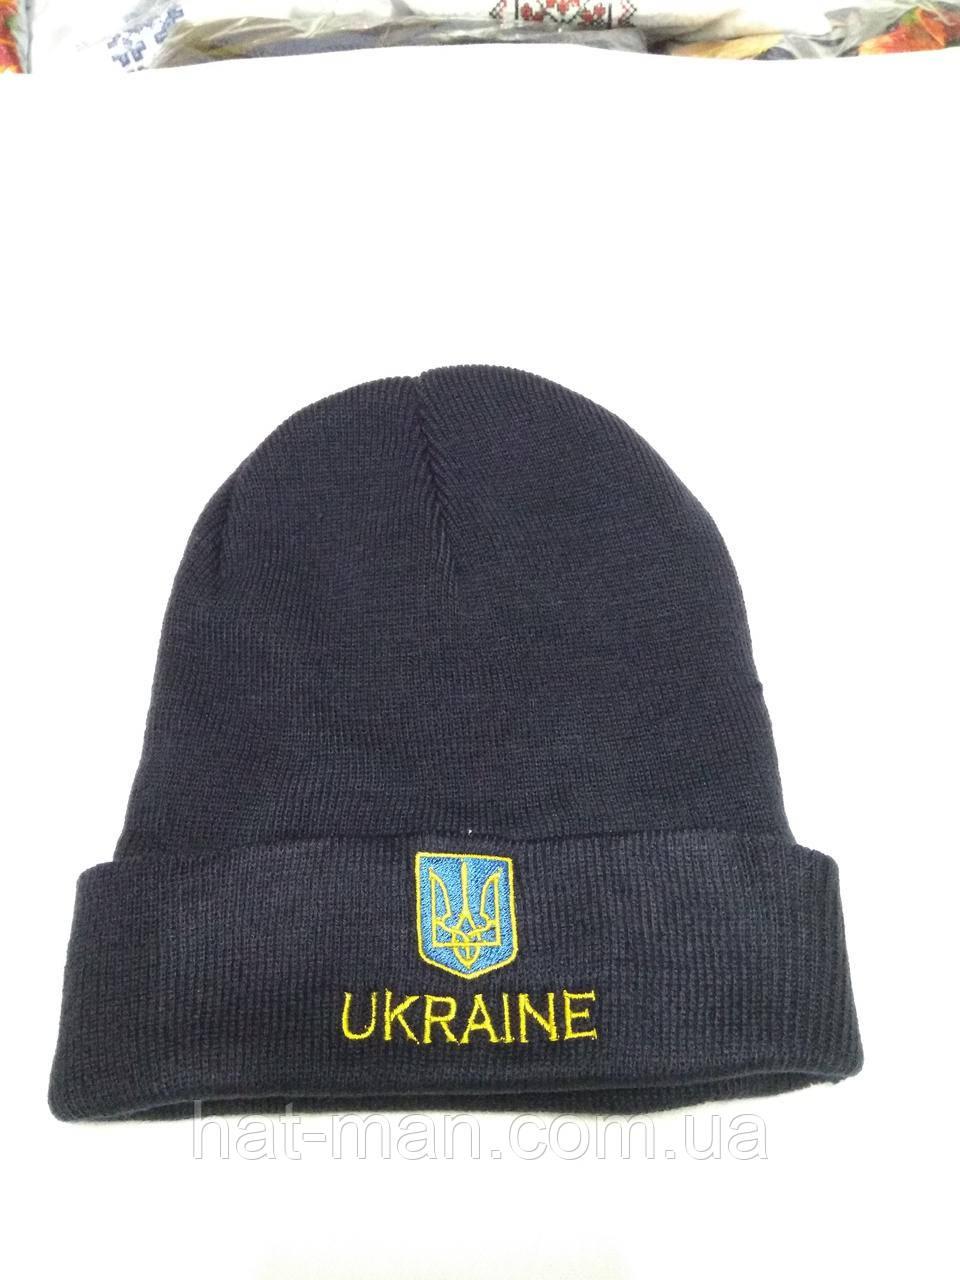 """""""Шапка Ukraine"""", темно сіра"""